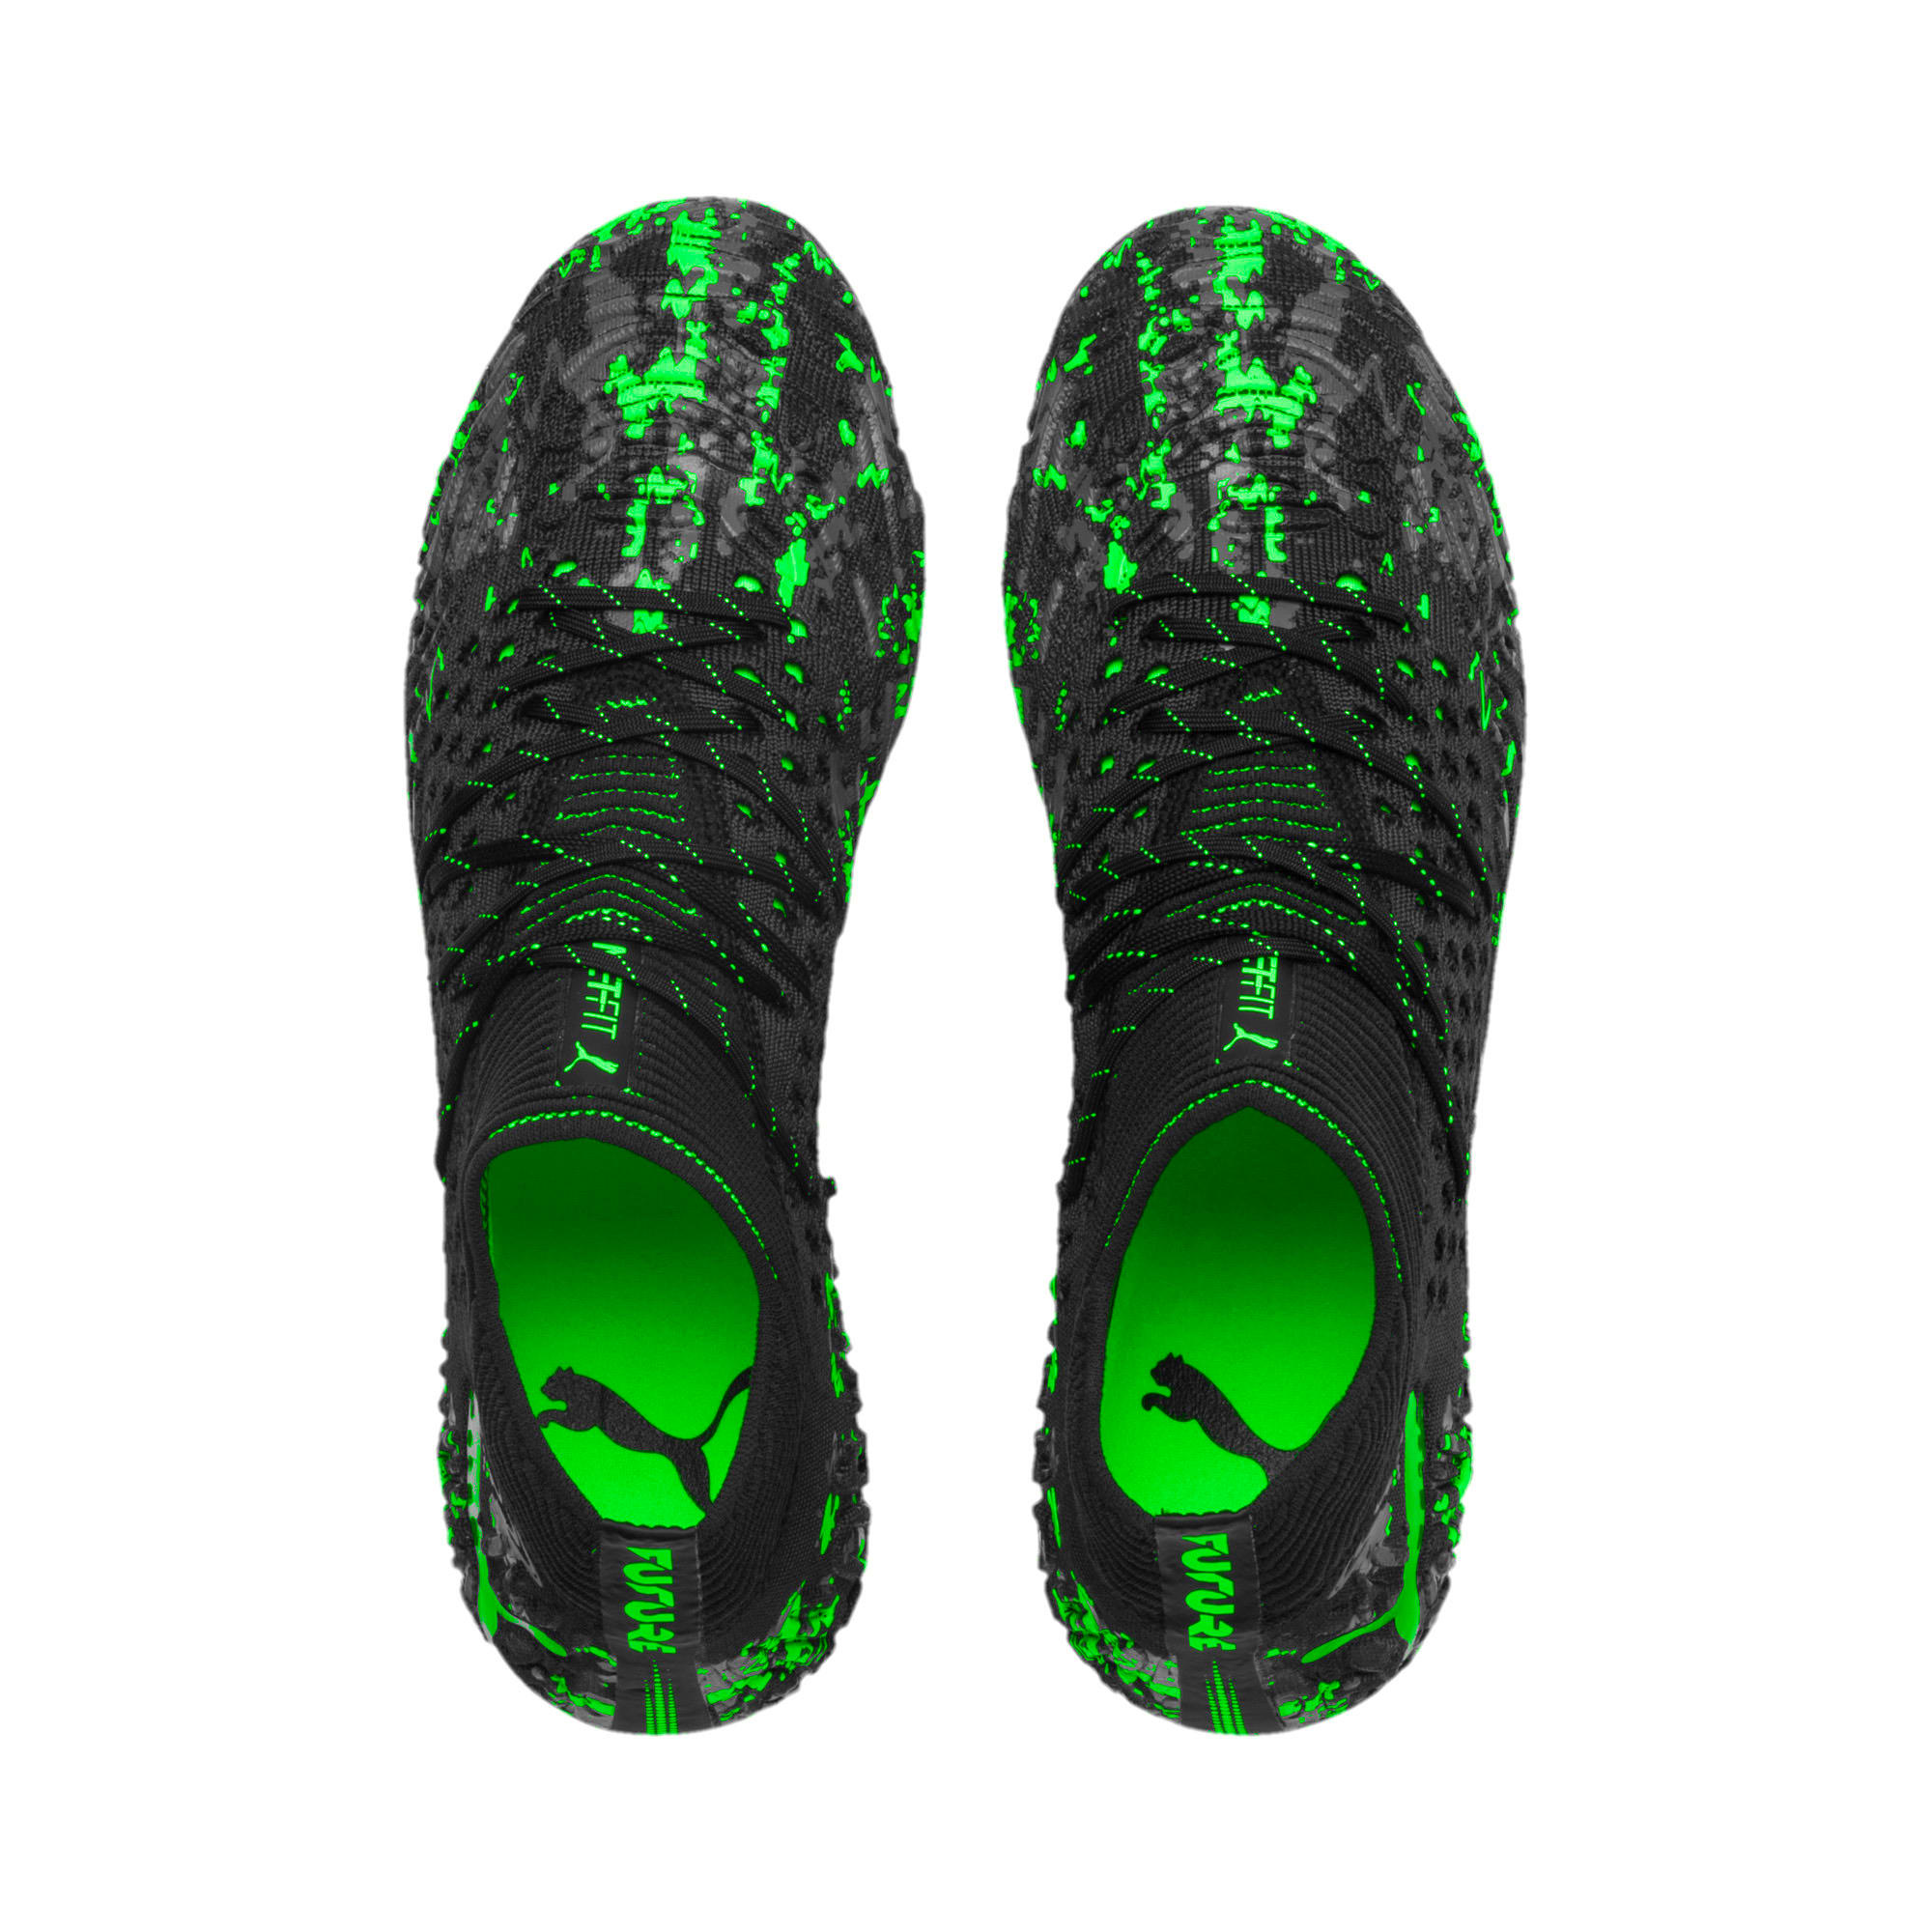 Thumbnail 8 of フューチャー 19.1 NETFIT FG/AG, Black-Gray-Green Gecko, medium-JPN